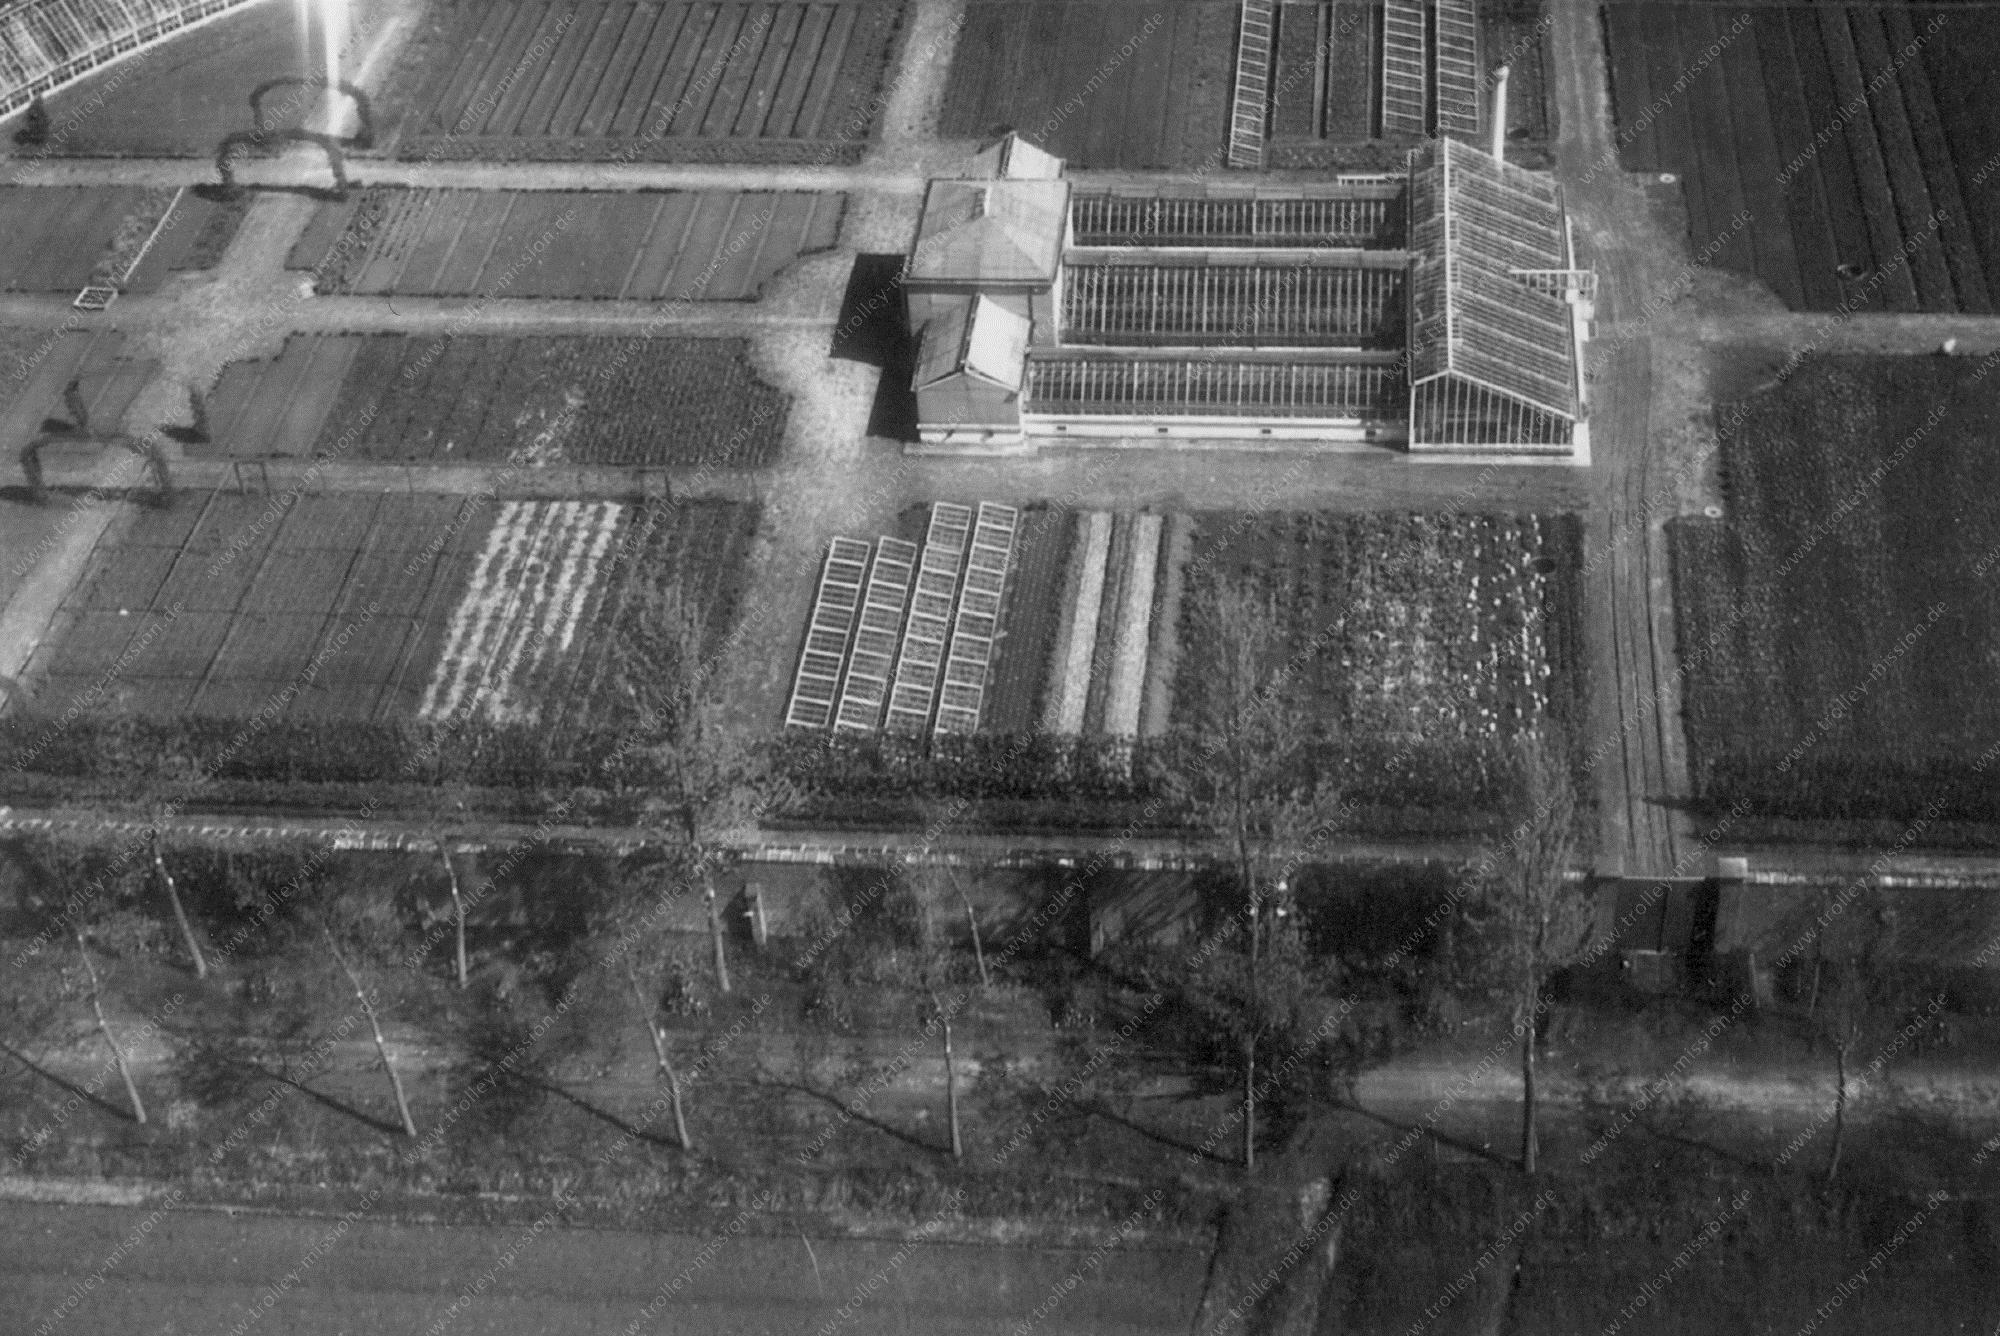 Unbekanntes Luftbild Gewächshaus und Garten